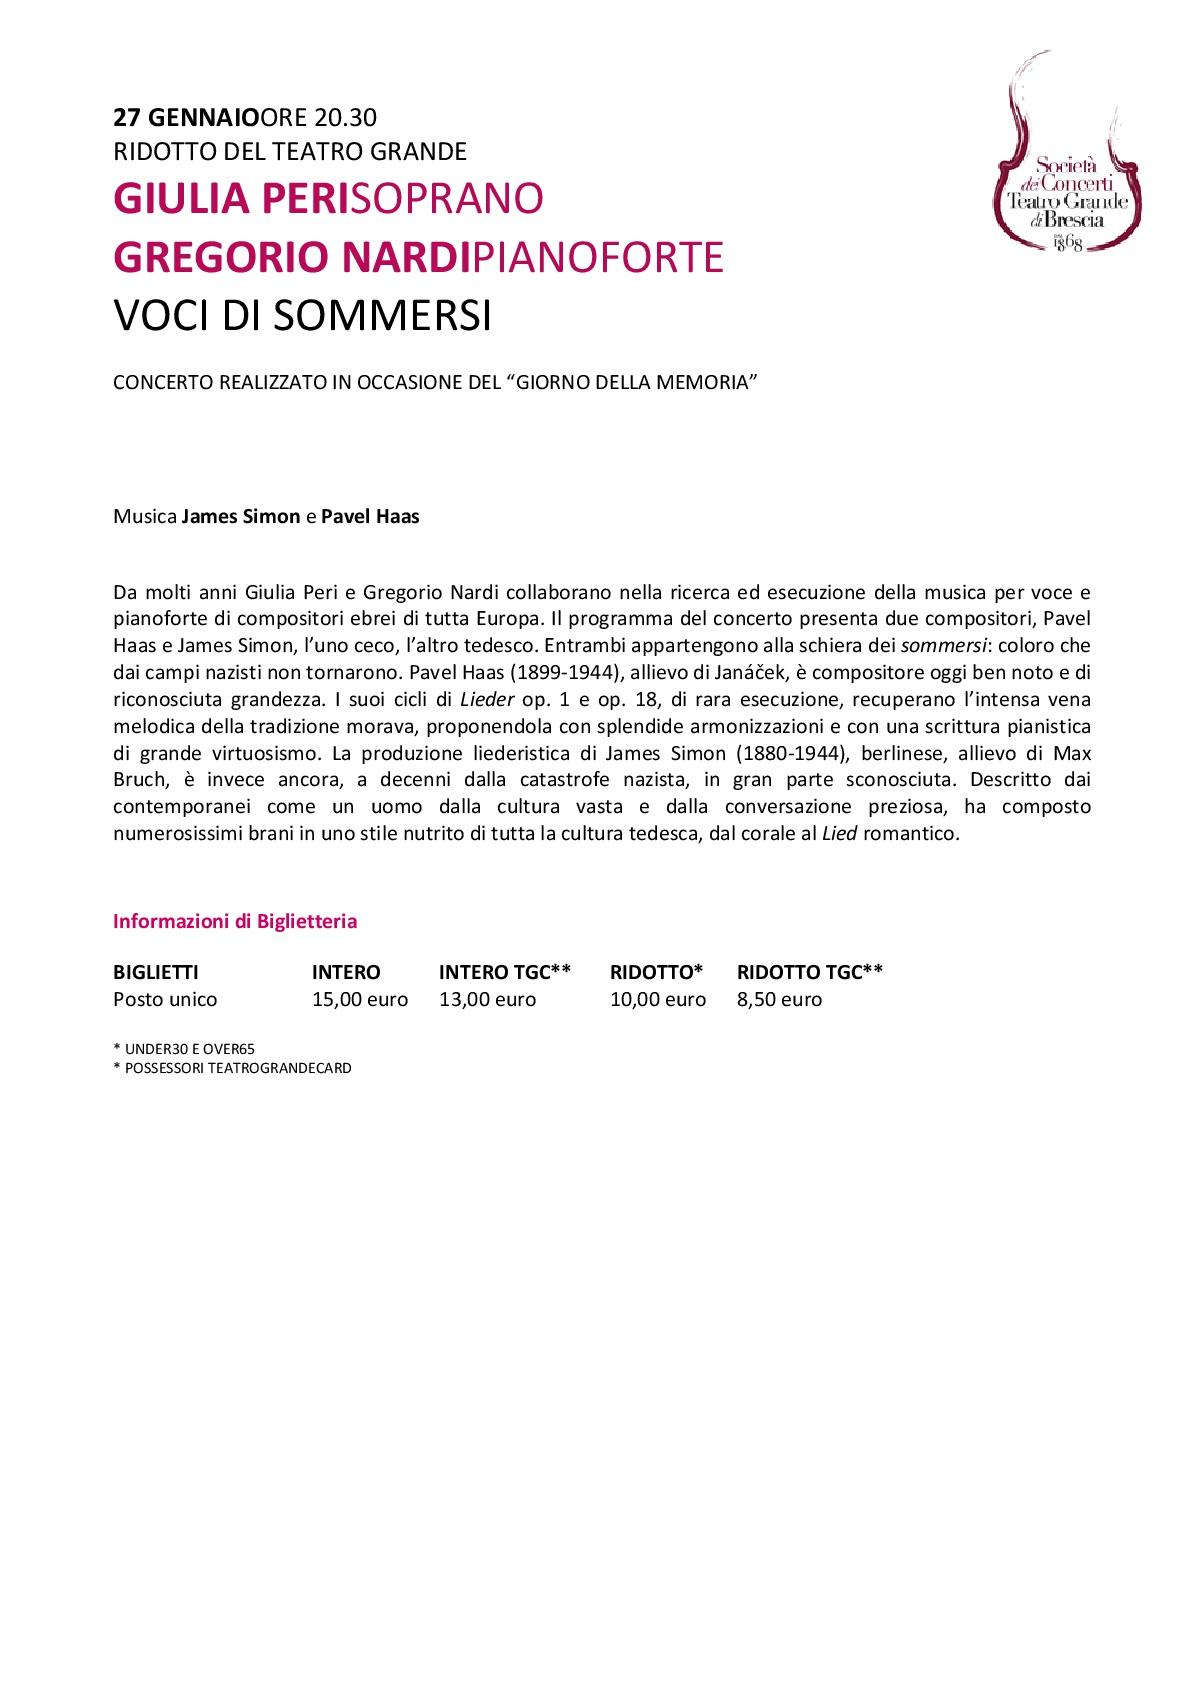 teatro-grande-concerto-voci-di-sommersi-001